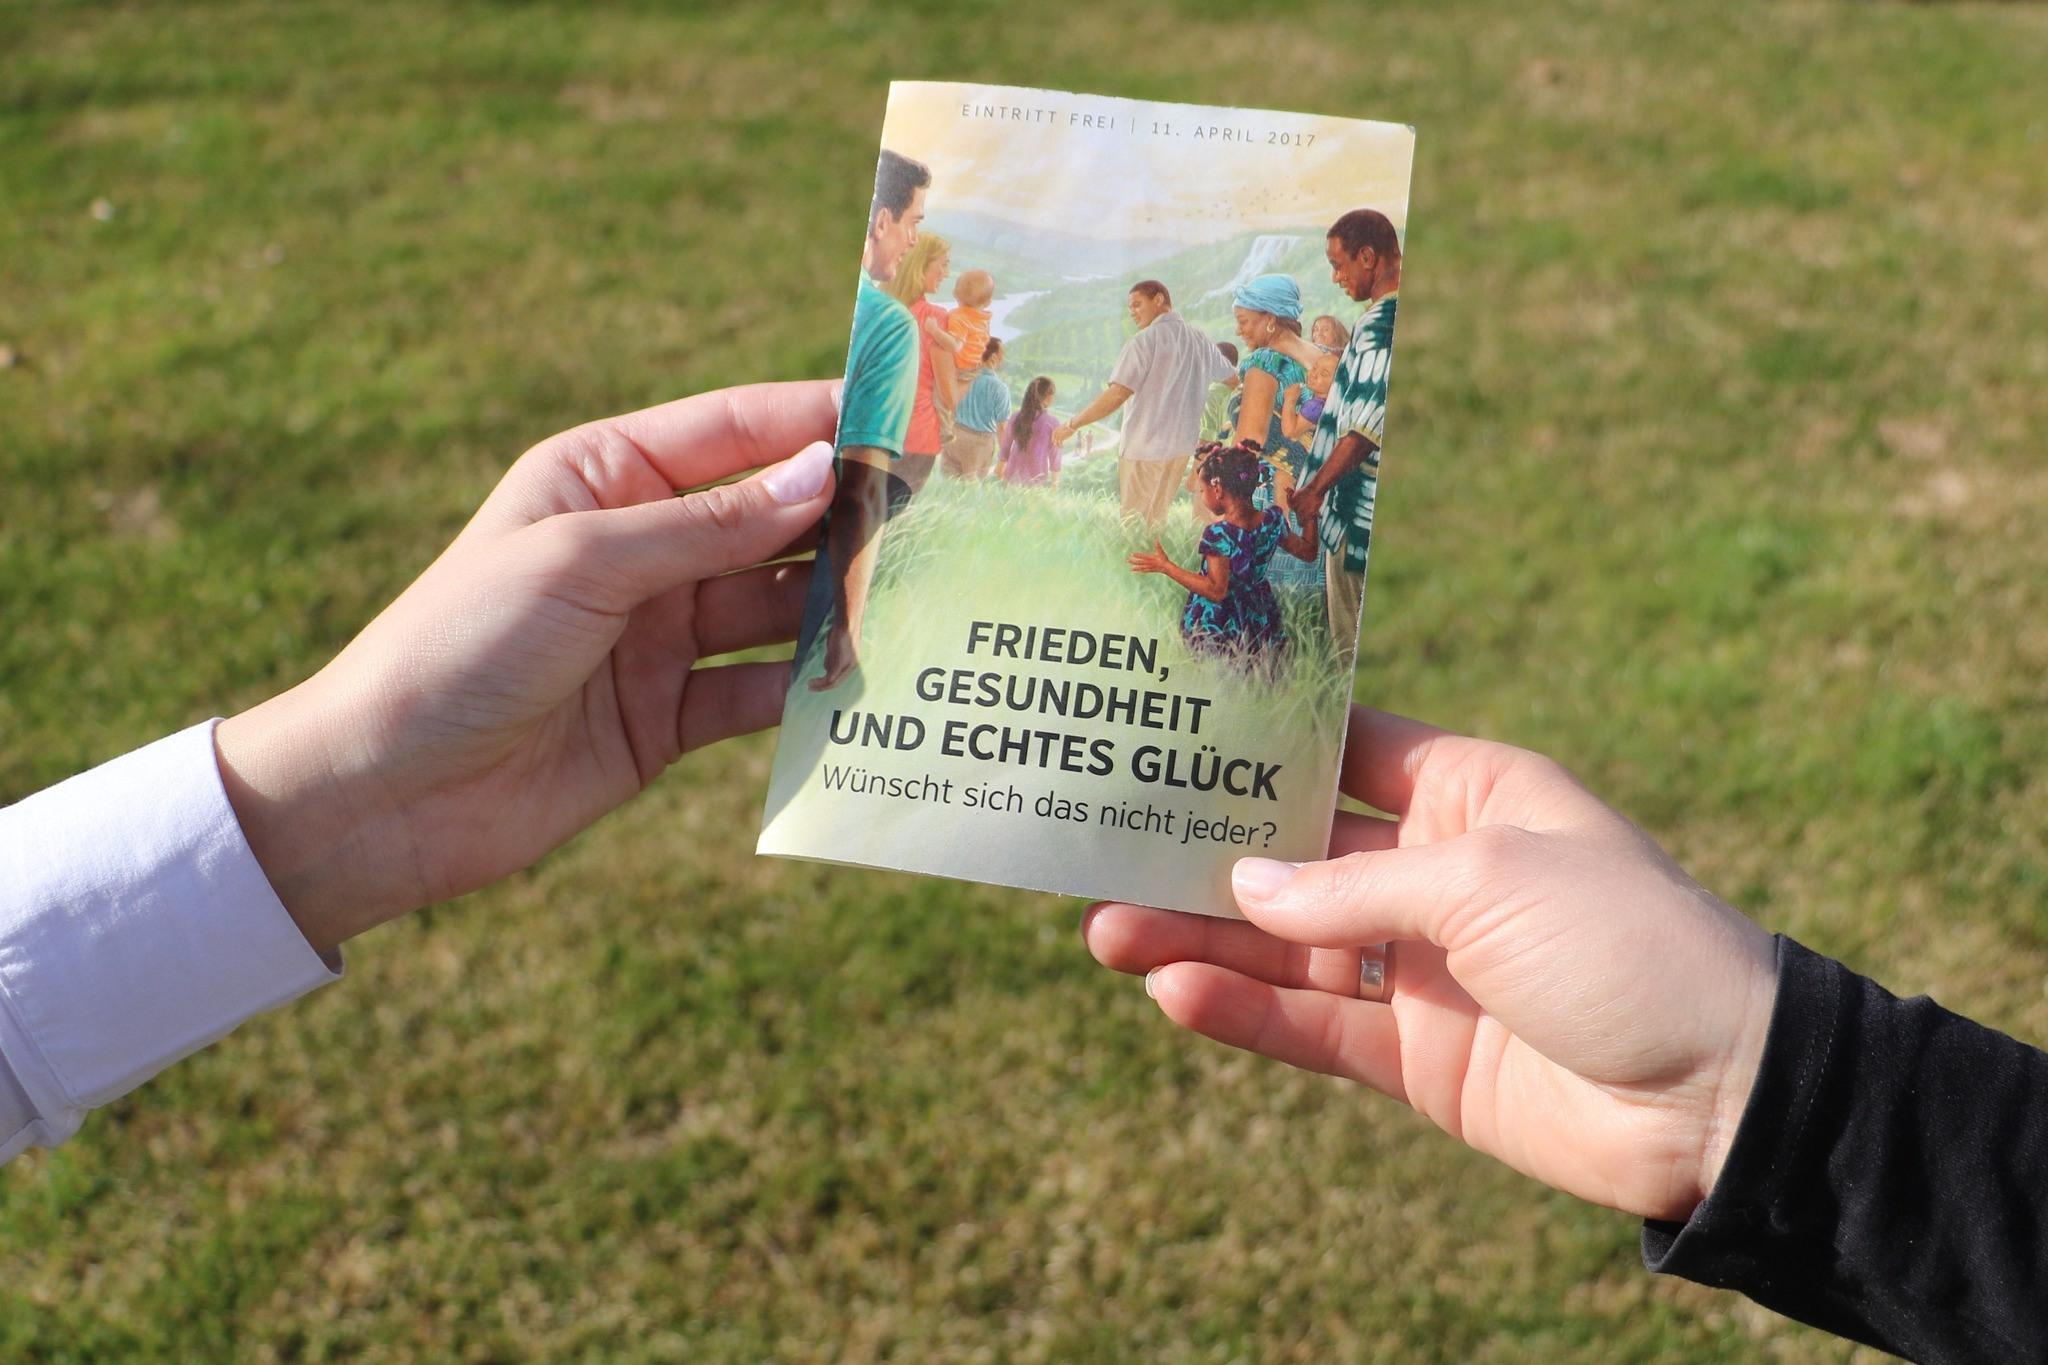 Jehovas Zeugen Beginnen Weltweite Einladungsaktion Für Die